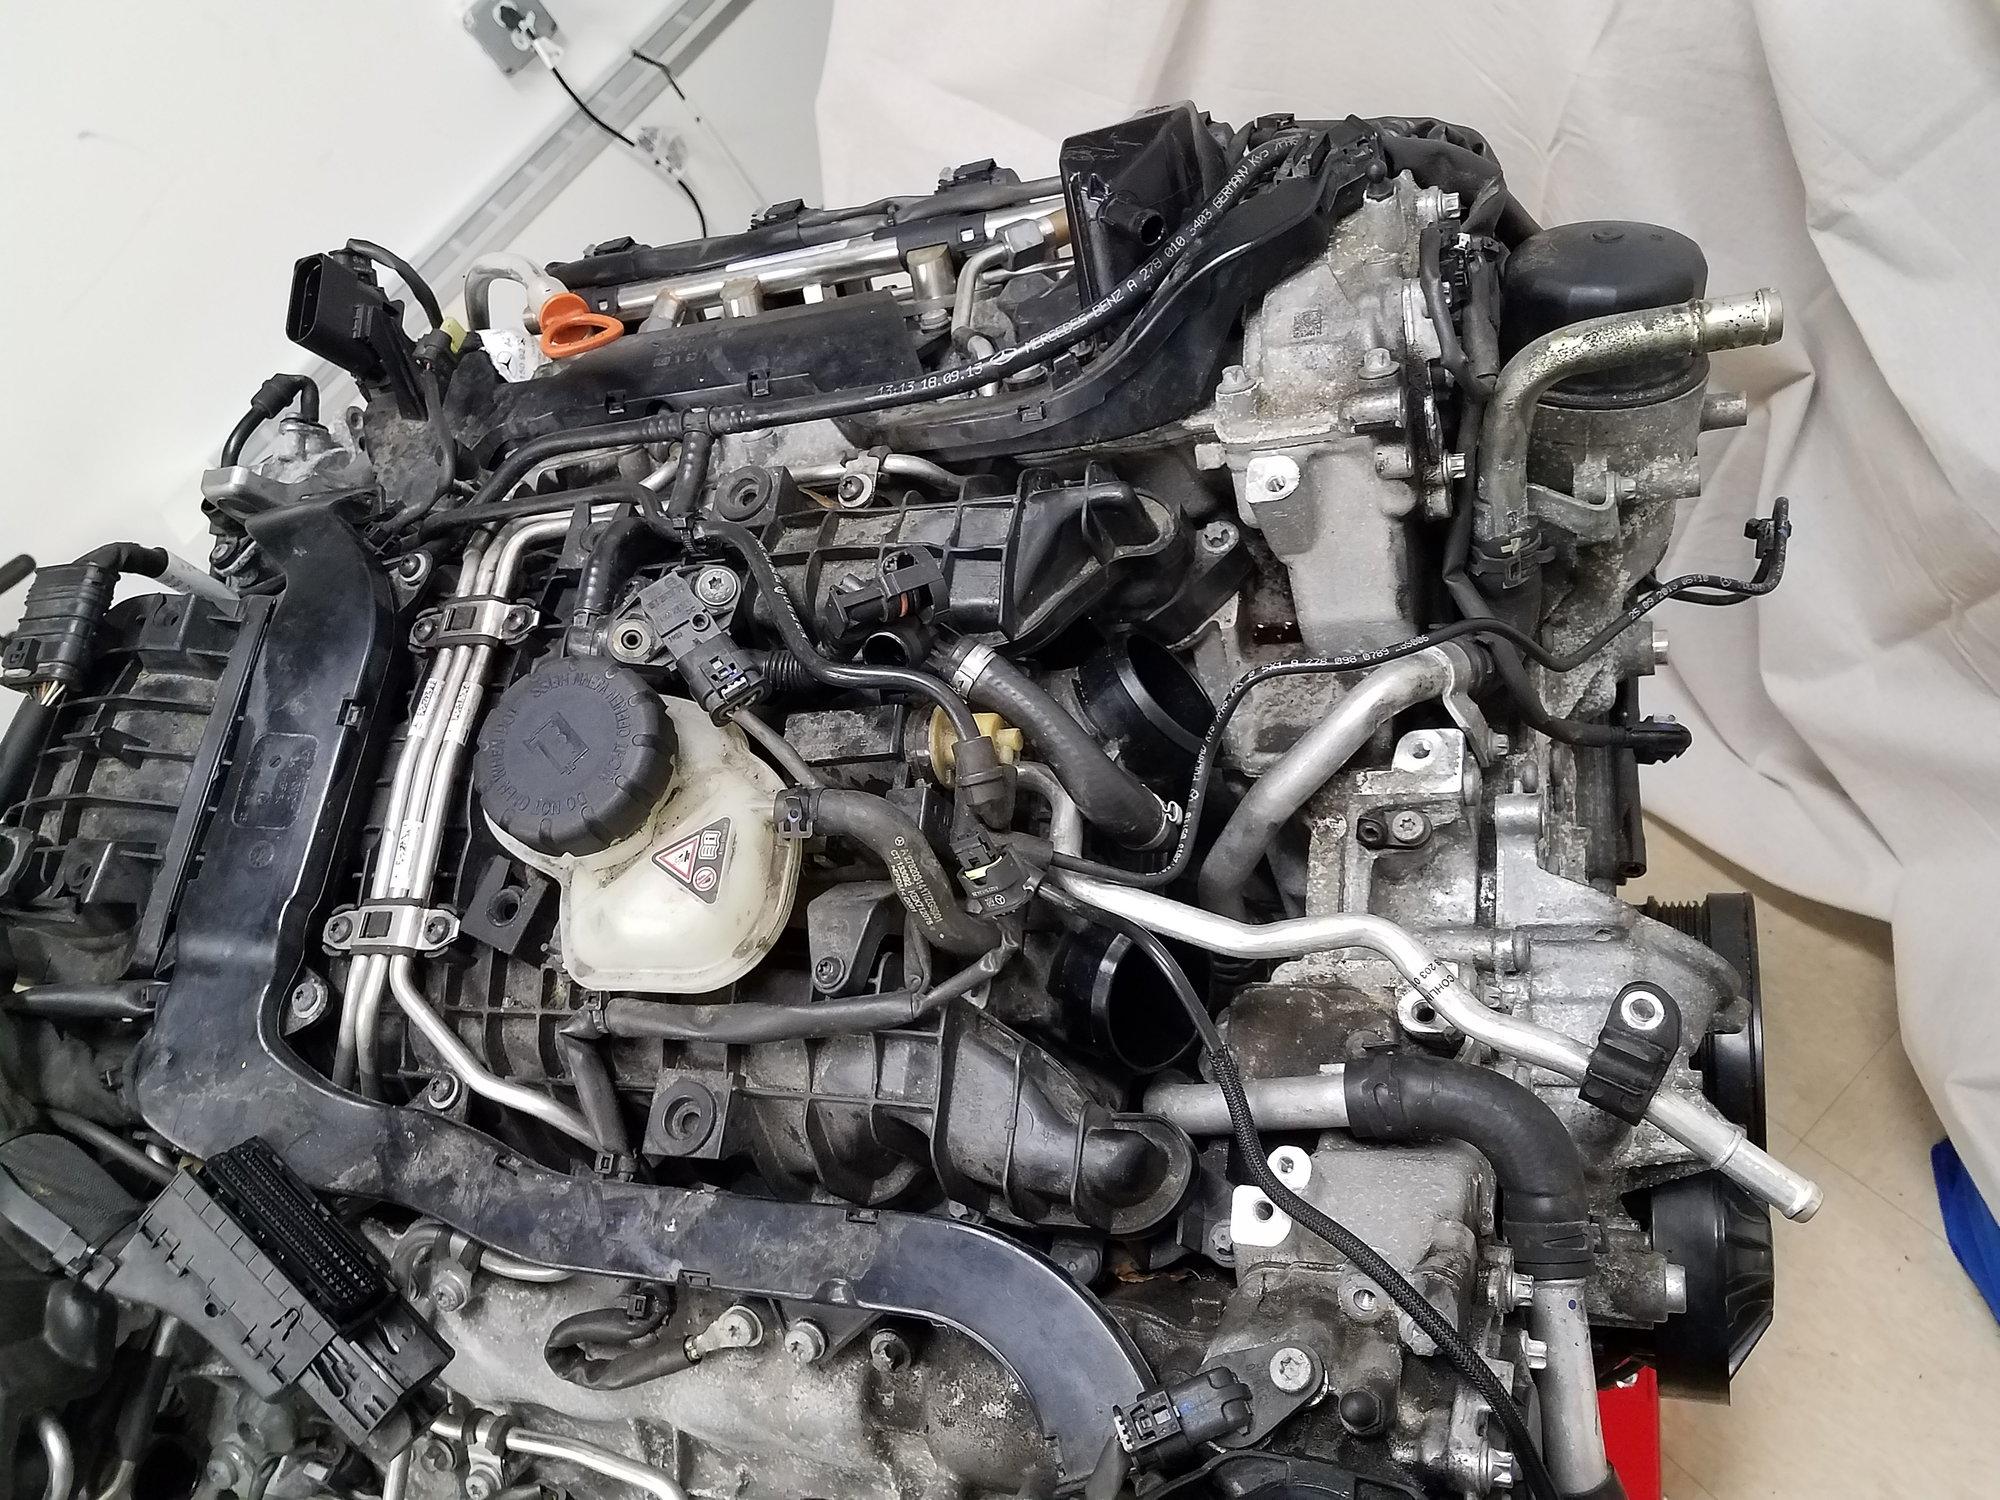 2014 M278 Engine, accessories